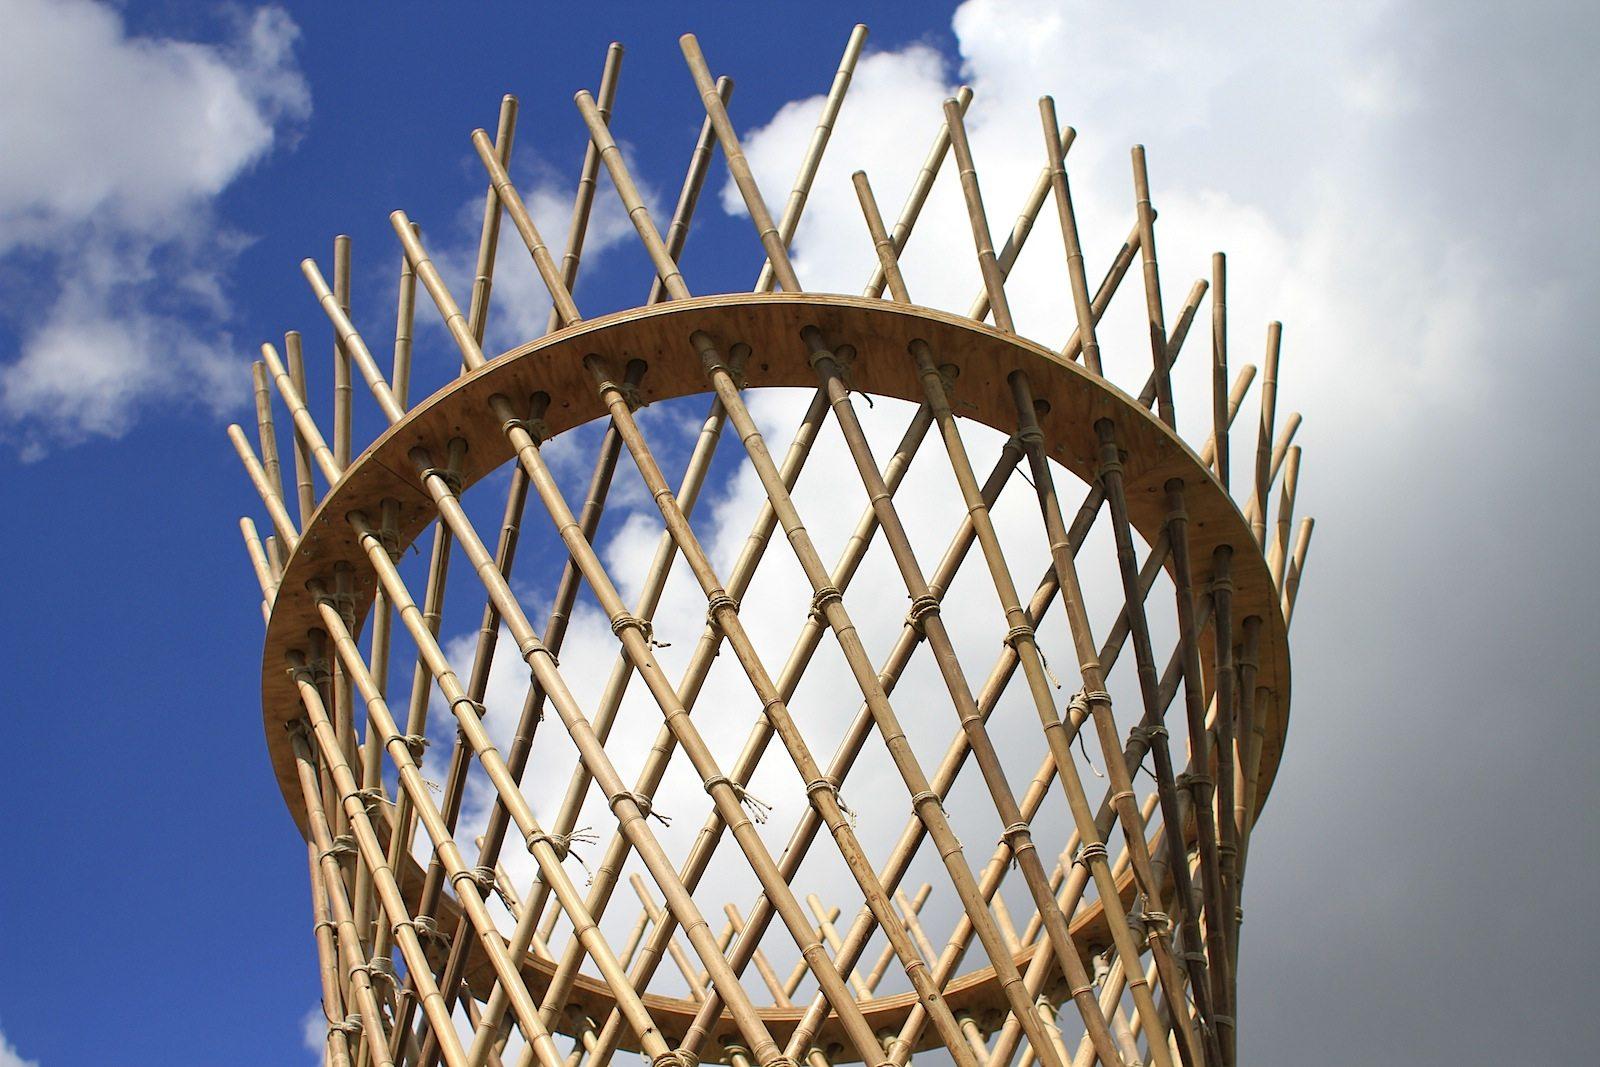 Horizonte, Bambushain. Zukunft, grünes Denken und Handeln und Nachhaltigkeit: der Sonderausstellungsbereich Horizonte in den Kienbergterrassen geht diesen Fragen nach. Ausgewählte Projekte aus Ernährung, Urban Tech und Architektur präsentieren auf der oberen Ebene der Terrassen innovative Vorschläge und Herangehensweisen. Das Projekt Bambuswelten zeigt die Potentiale des Rohstoffs Bambus und der aus ihr gewonnenen Materialien. Denn Bambus wächst schnell und wird als Schlüsselressource für eine globale, postfossile Gesellschaft gesehen. Torre di Bambù ist 8 Meter hoch und hat 128 Bambusstäbe. Die Gesamtlänge der Bambusrohre beträgt 600 Meter.